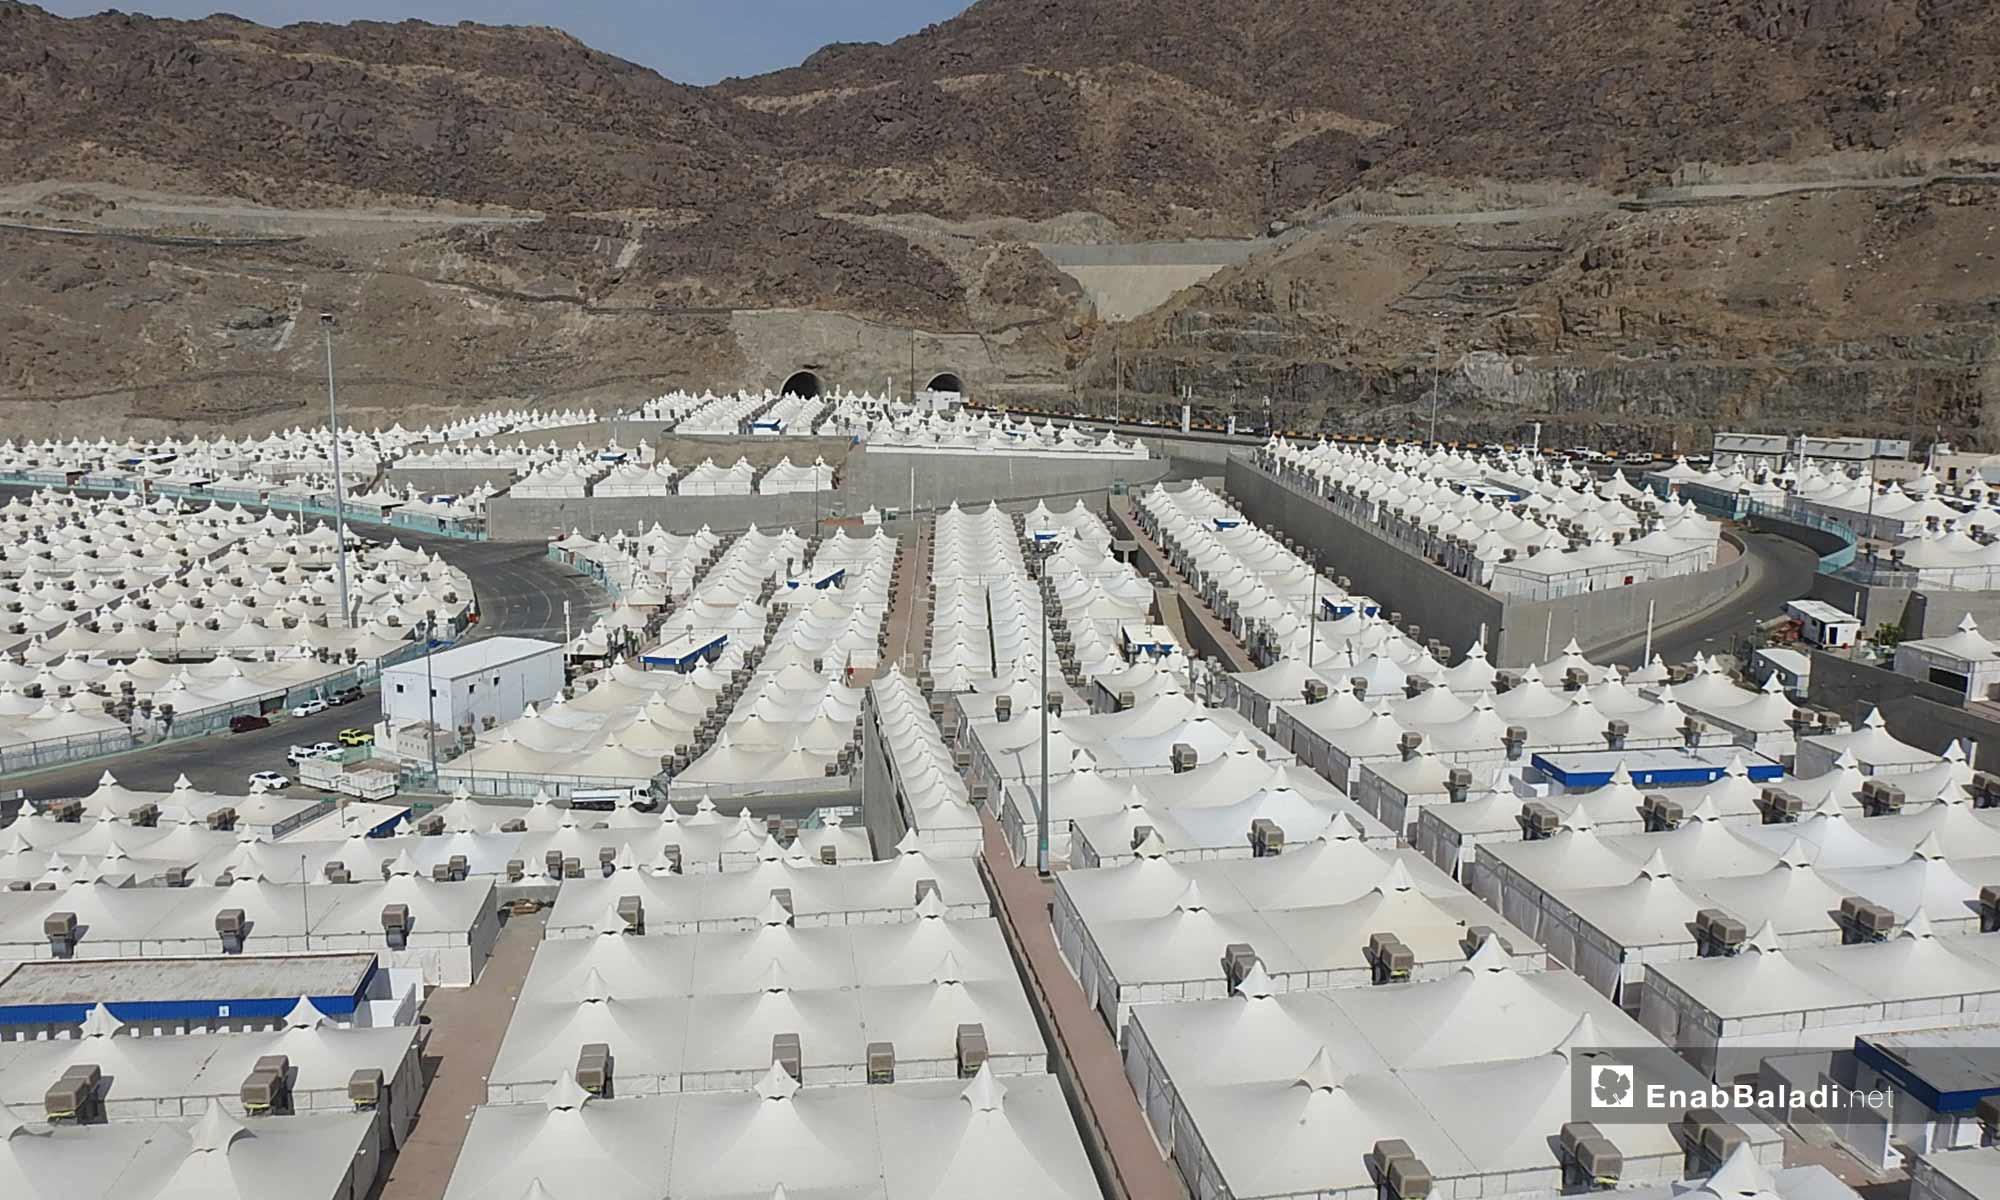 Camps of pilgrims - 2018 (Enab Baladi)